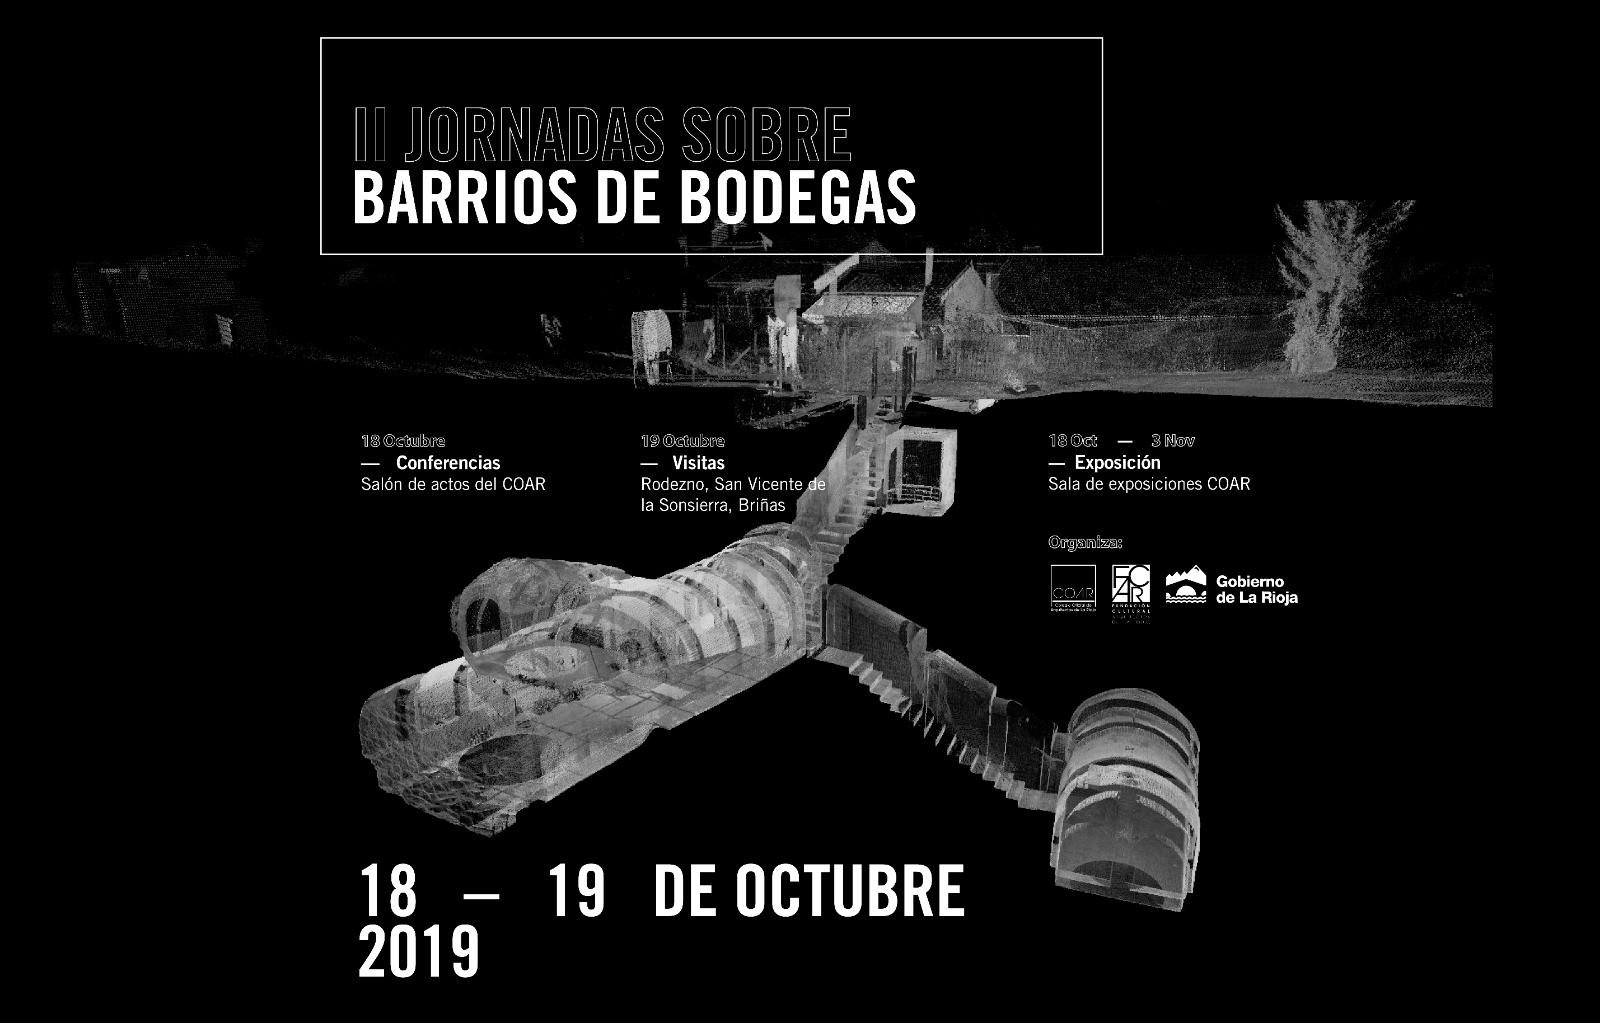 II Jornadas Barrios de Bodegas